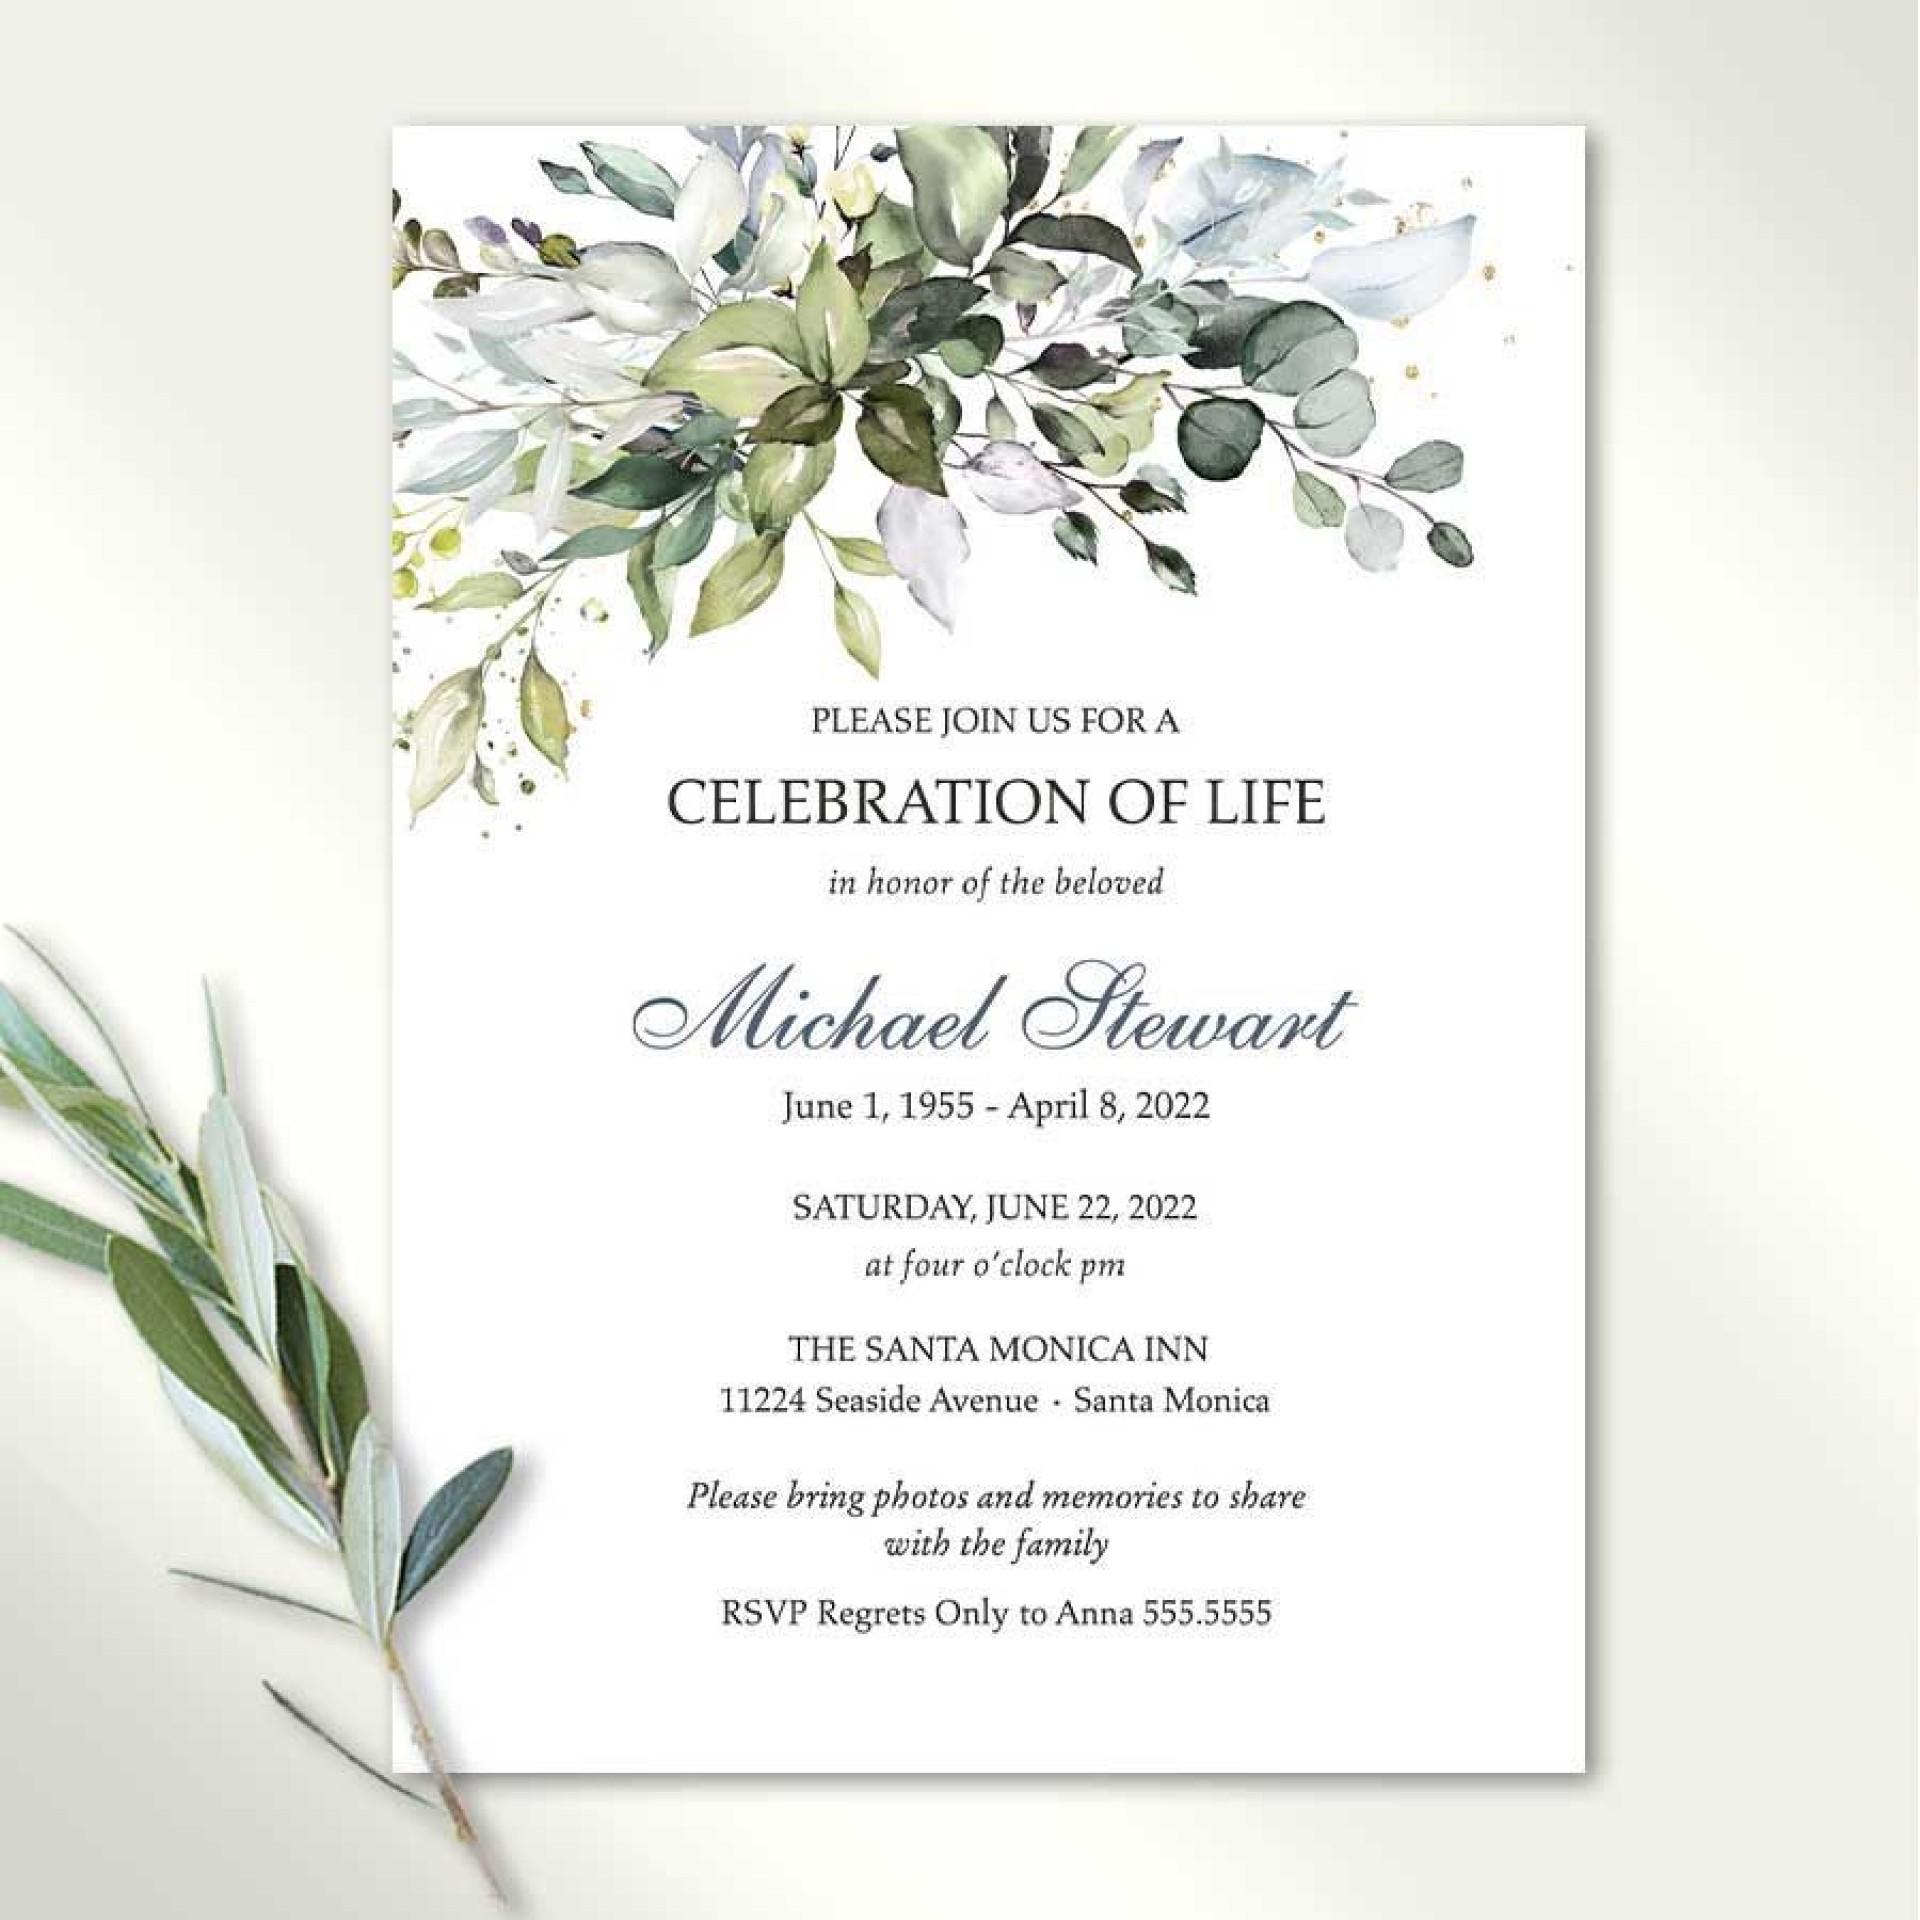 007 Fearsome Celebration Of Life Announcement Template Free Photo  Invitation Download Invite1920